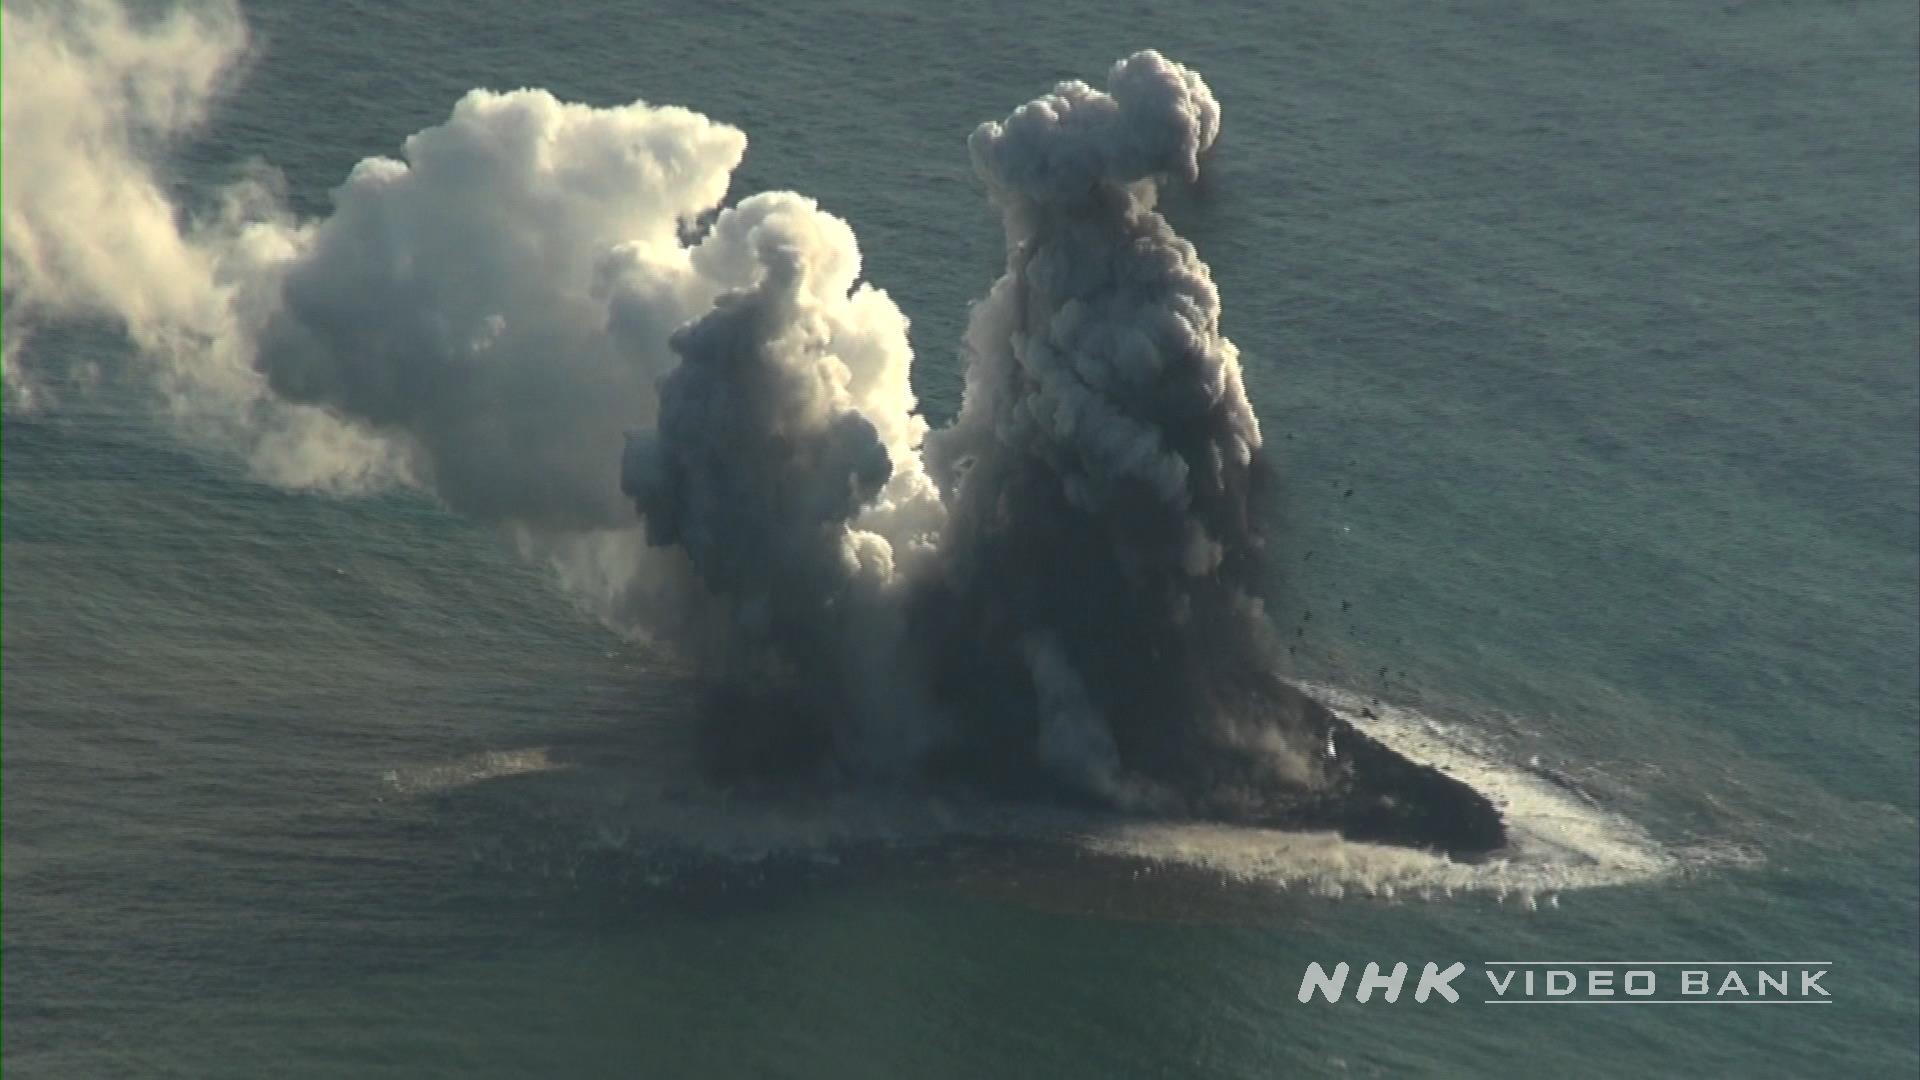 Aerial: Nishinoshima volcano erupting moment